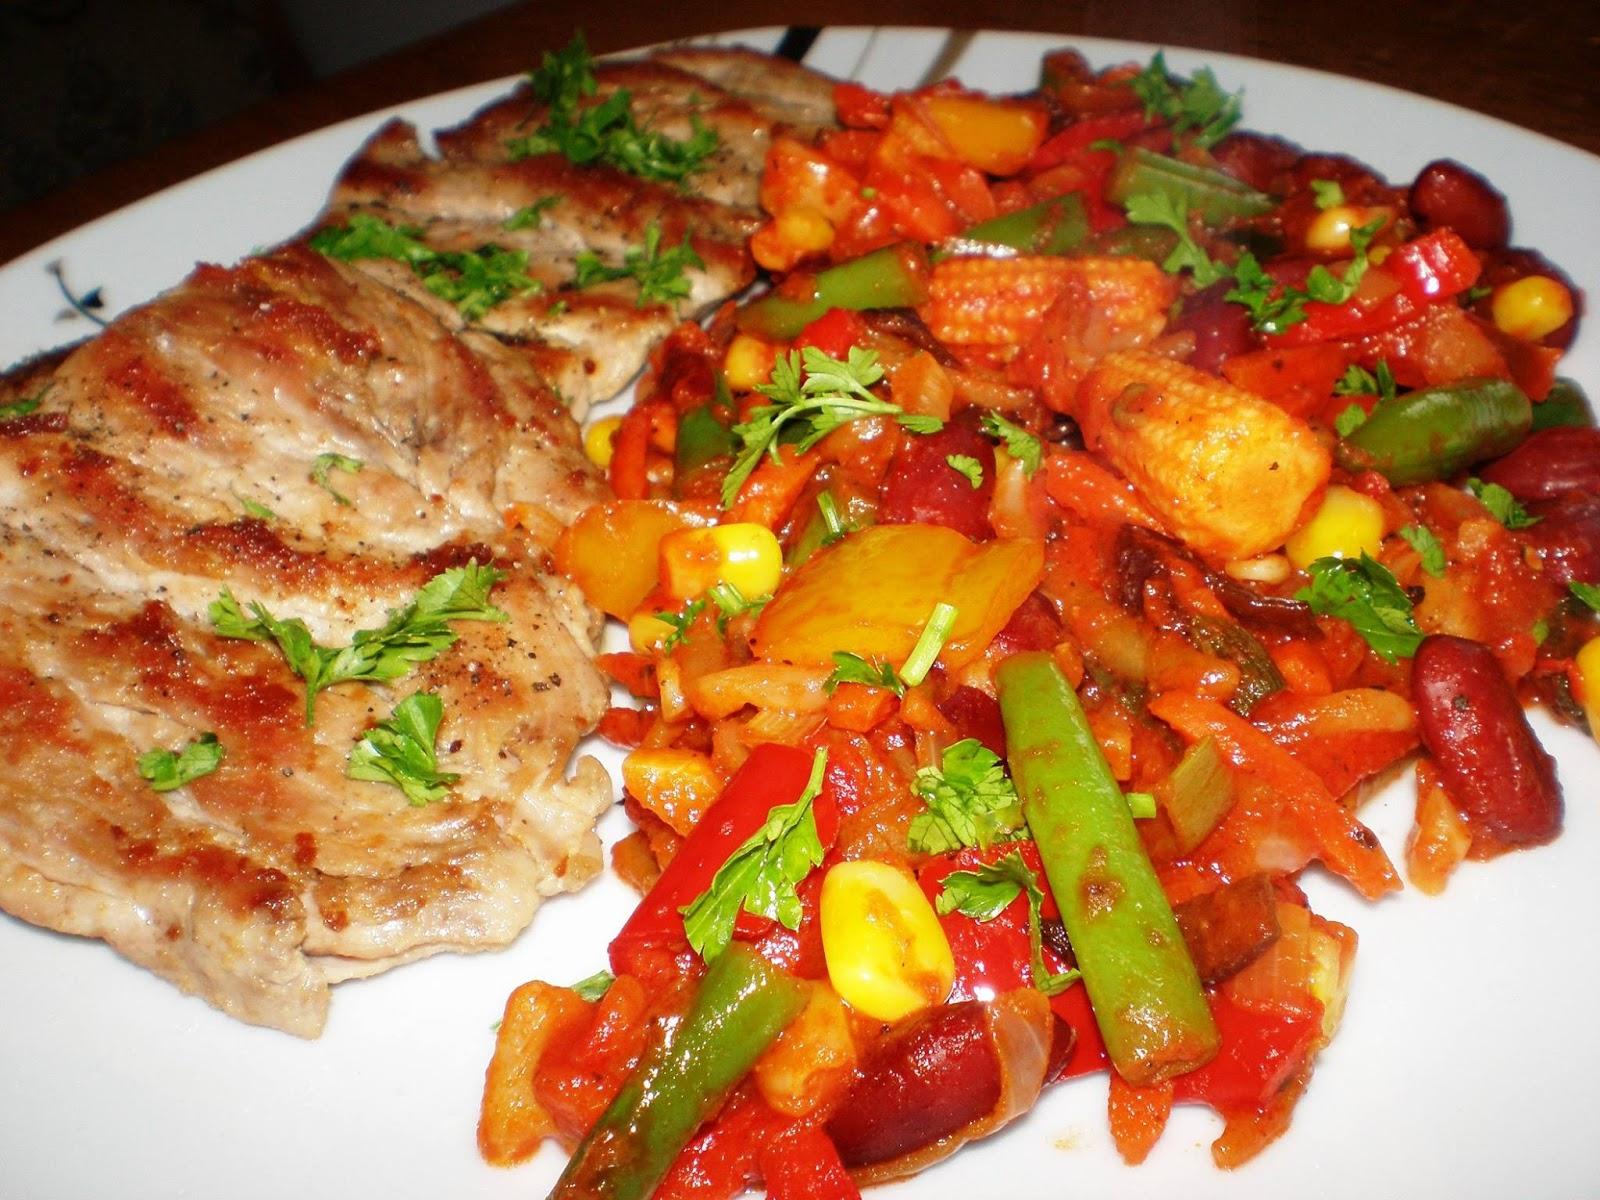 Mușchiuleț pe grill și legume mexicane în sos picant